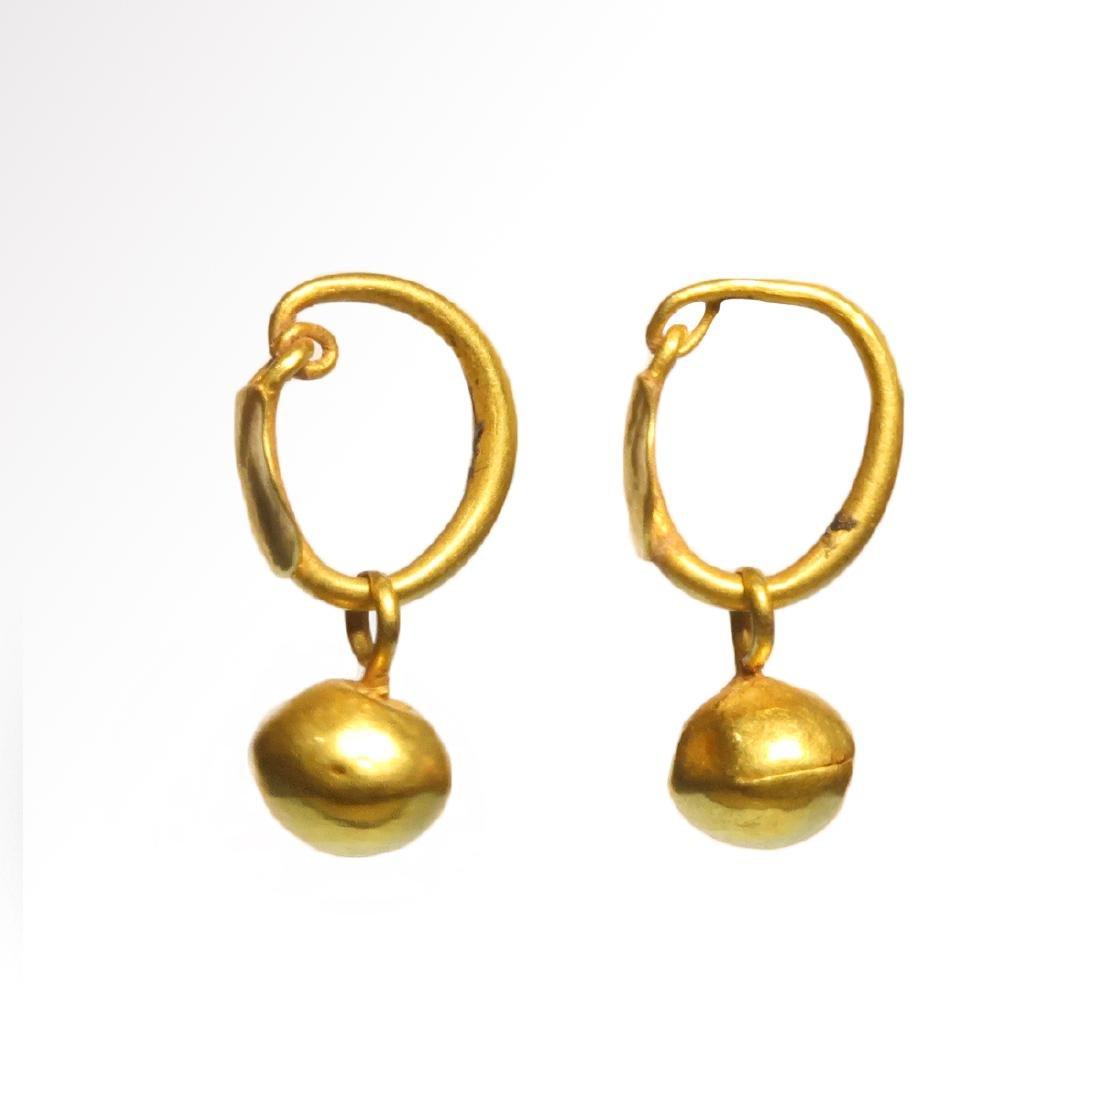 Roman Gold Hoop Earrings with Spherical Drops, c. 1st - - 3